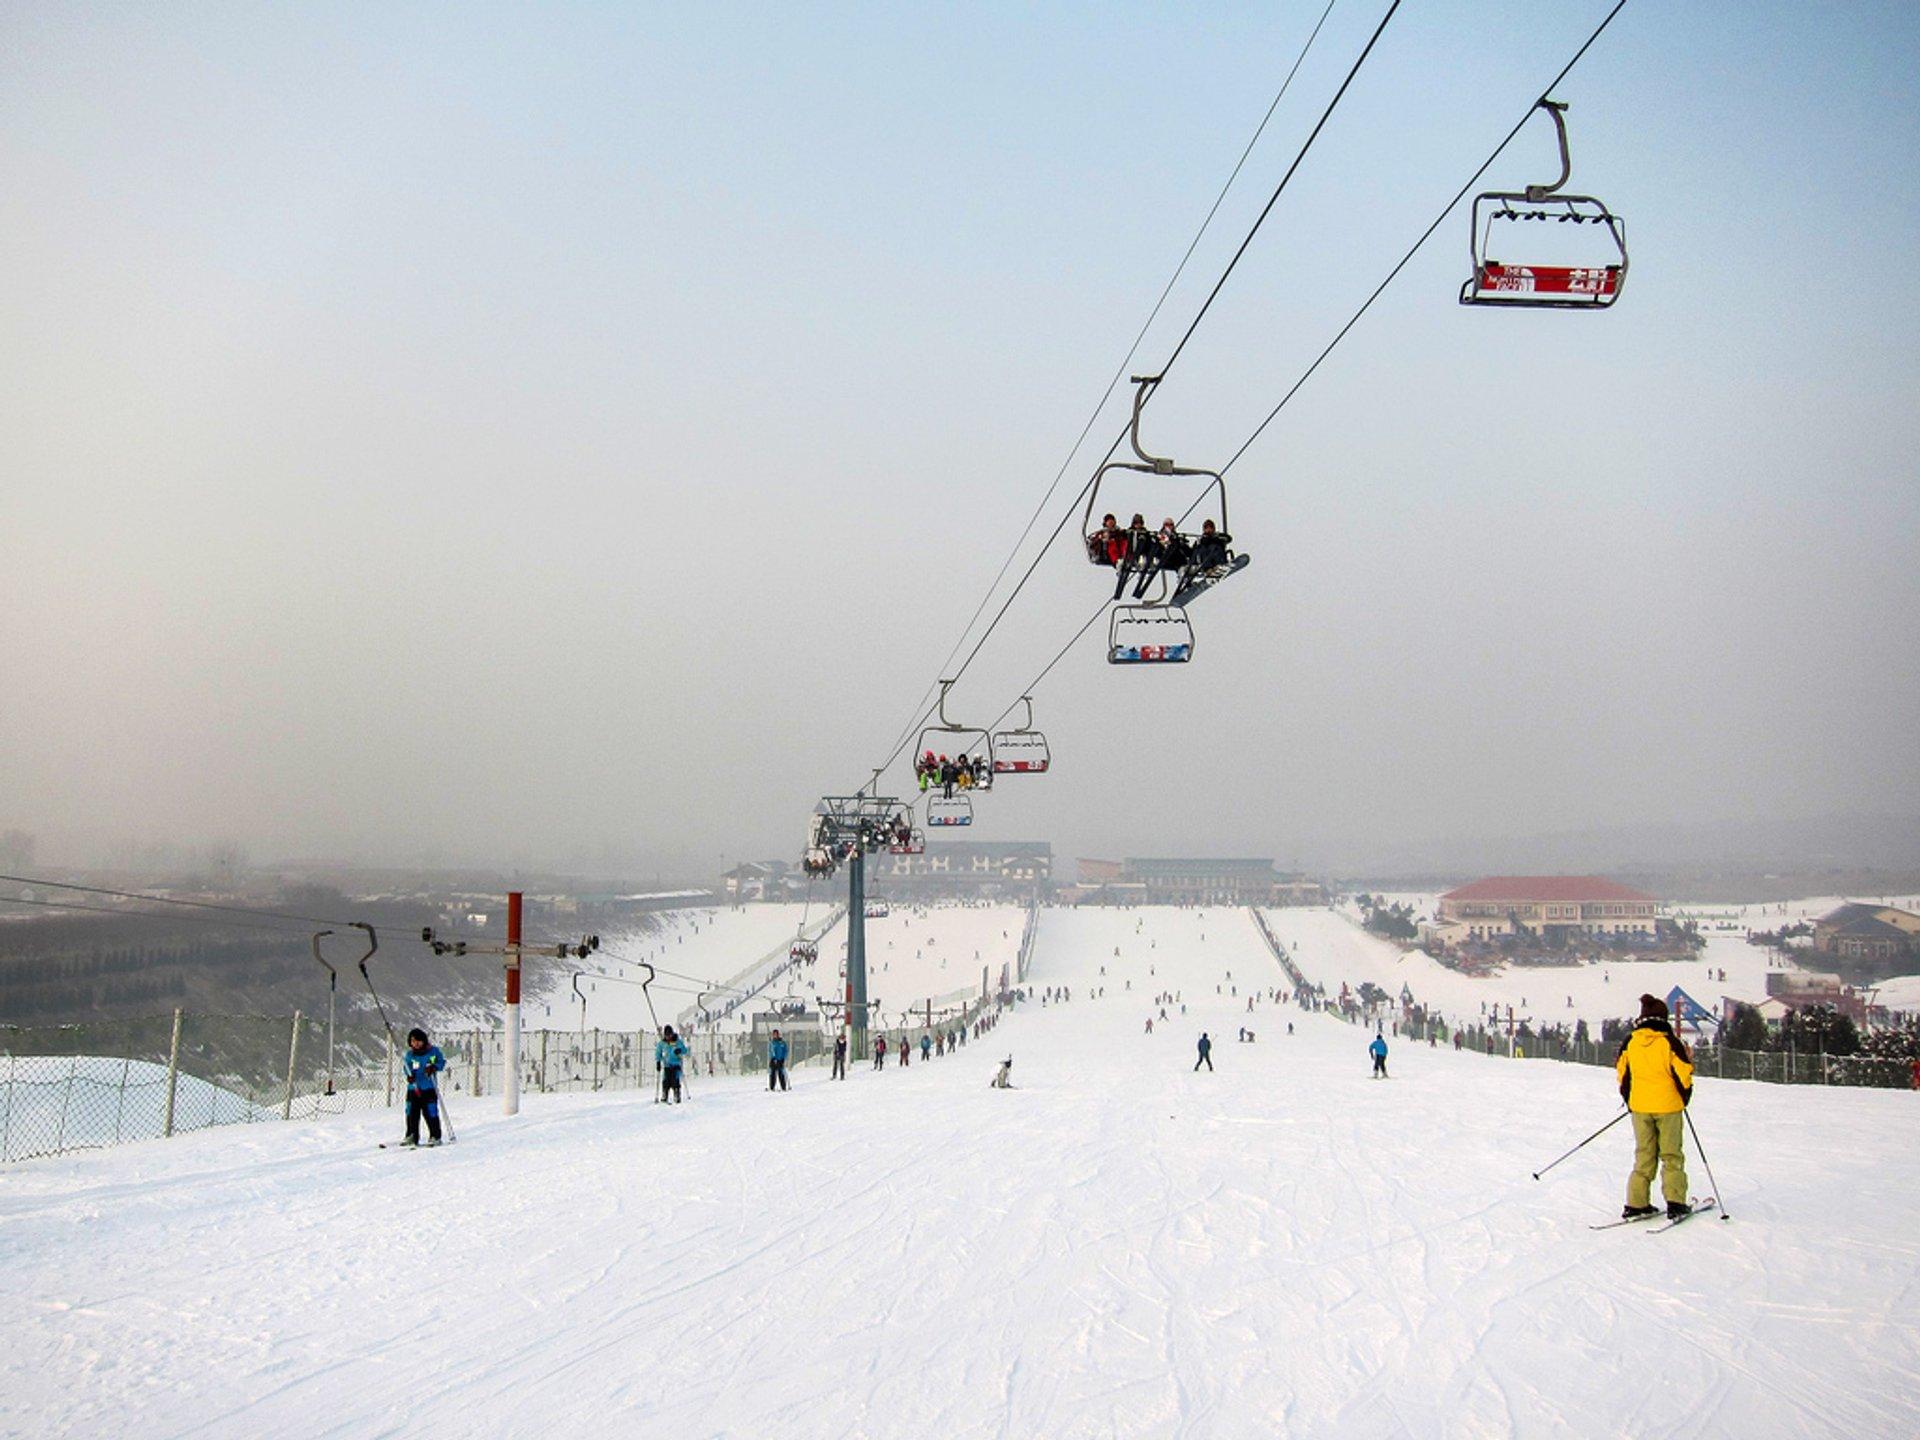 Nanshan Ski Resort 2019